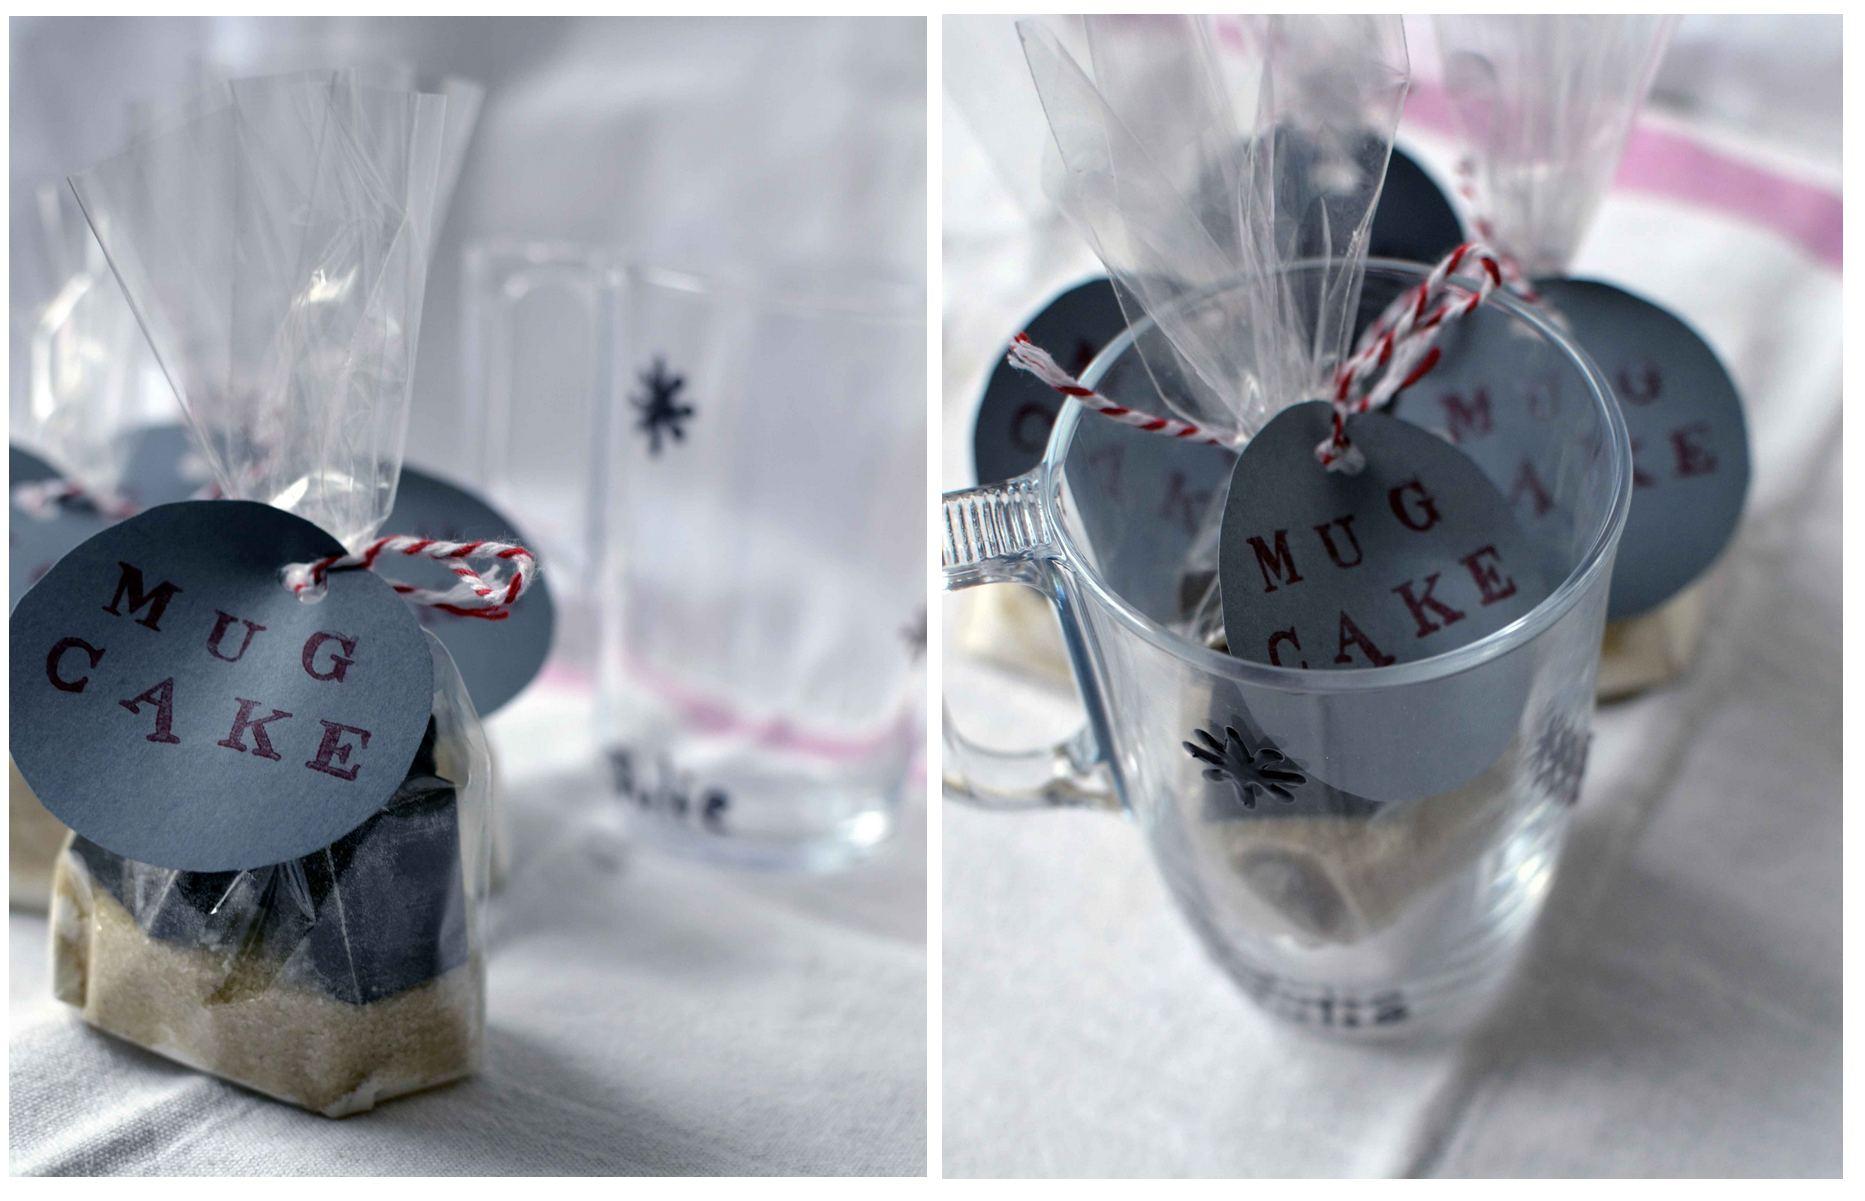 kit mug cake diy cadeau de no l fait maison quand julie patisse. Black Bedroom Furniture Sets. Home Design Ideas